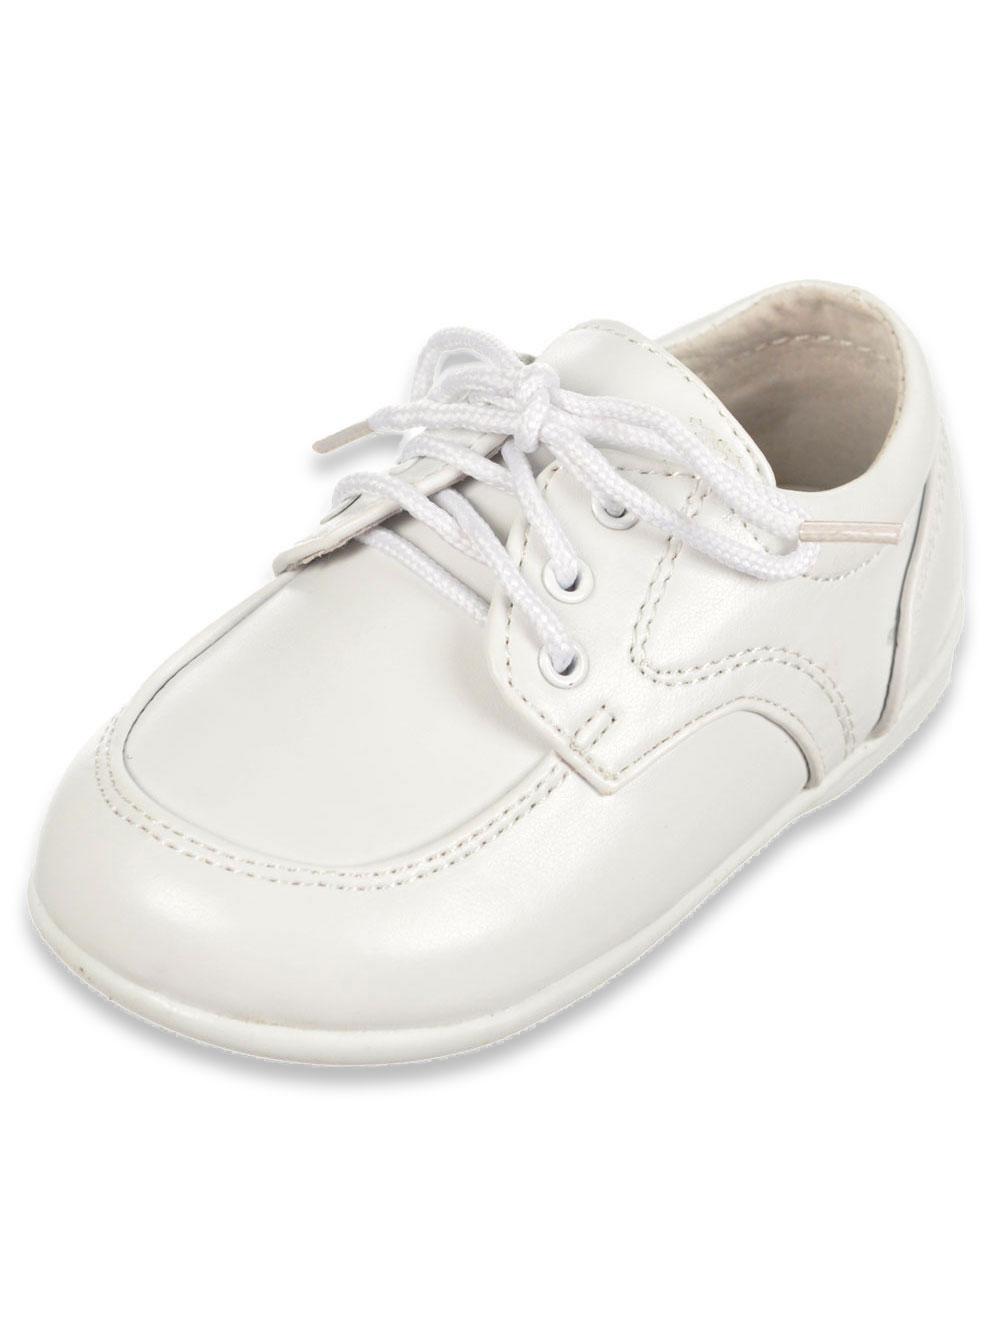 Image of Josmo Boys Mason Dress Shoes Infant Sizes 2  8  white 8 infant